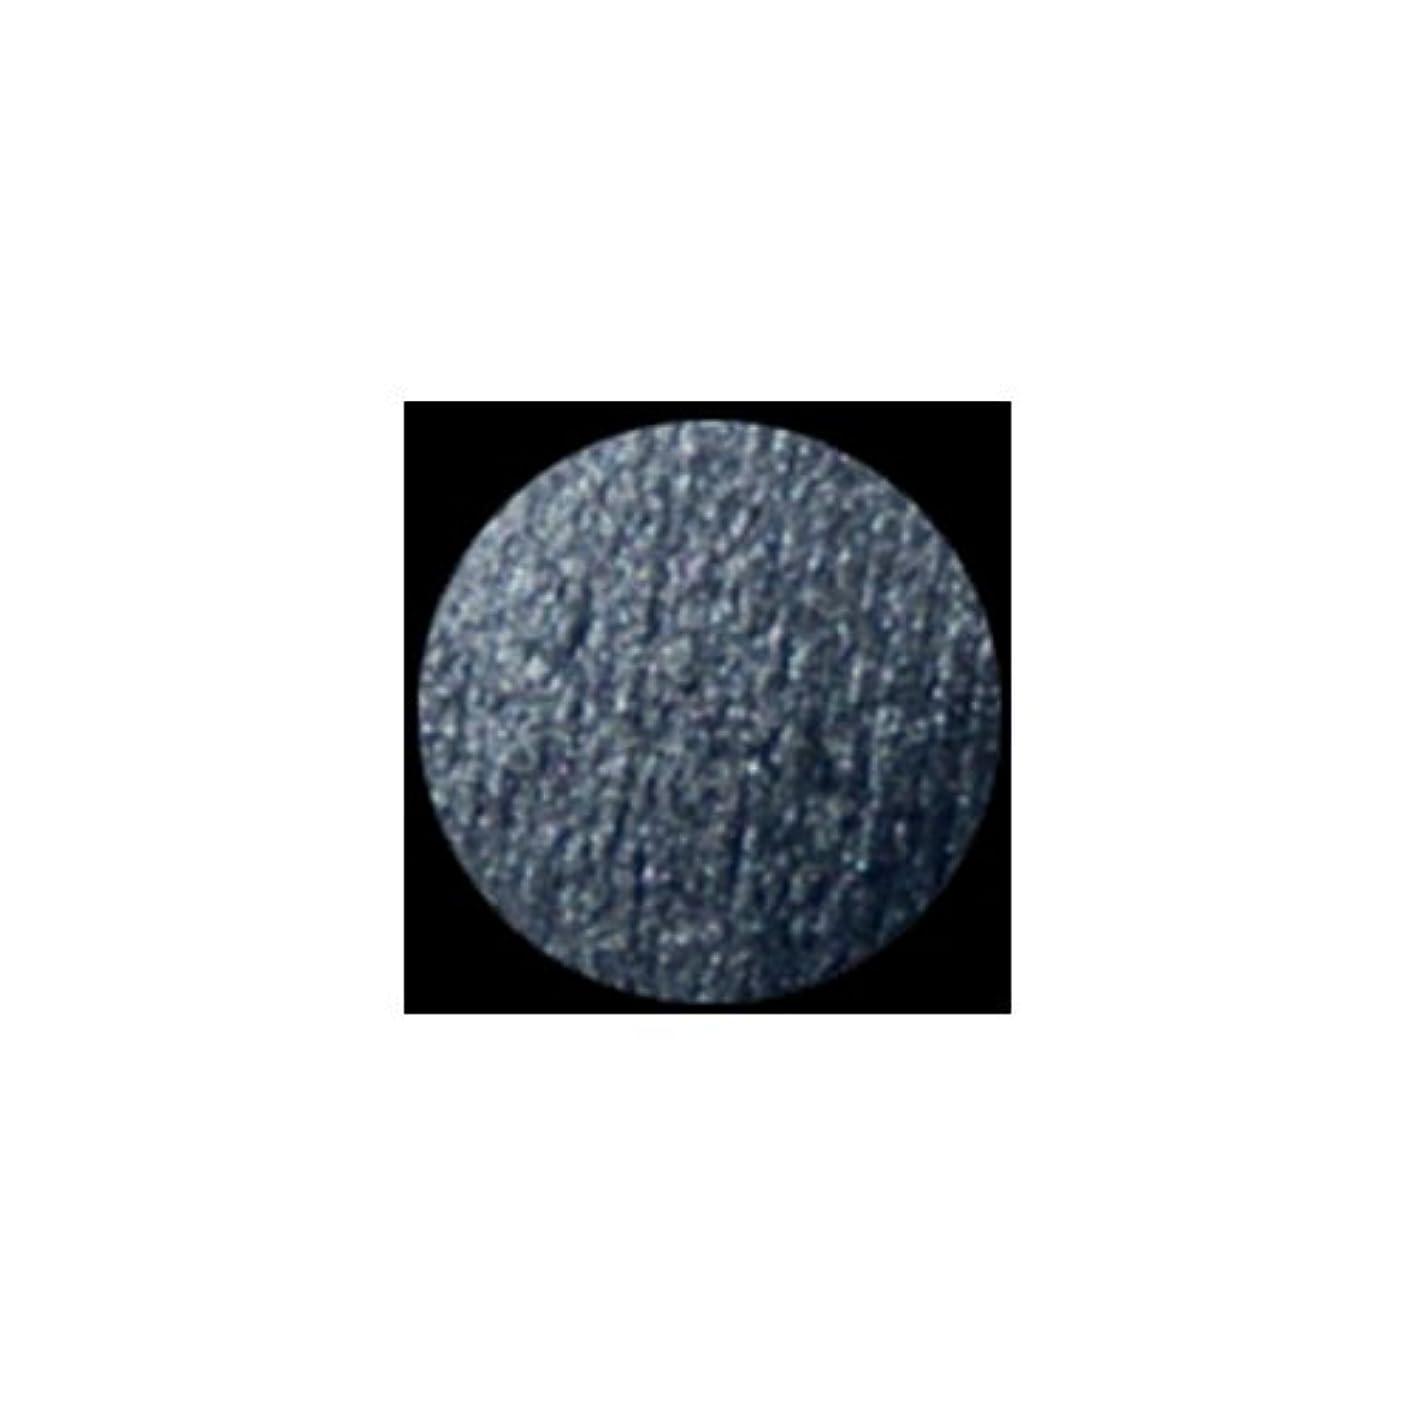 乳乱暴な汚い(6 Pack) KLEANCOLOR American Eyedol (Wet/Dry Baked Eyeshadow) - Onyx (並行輸入品)